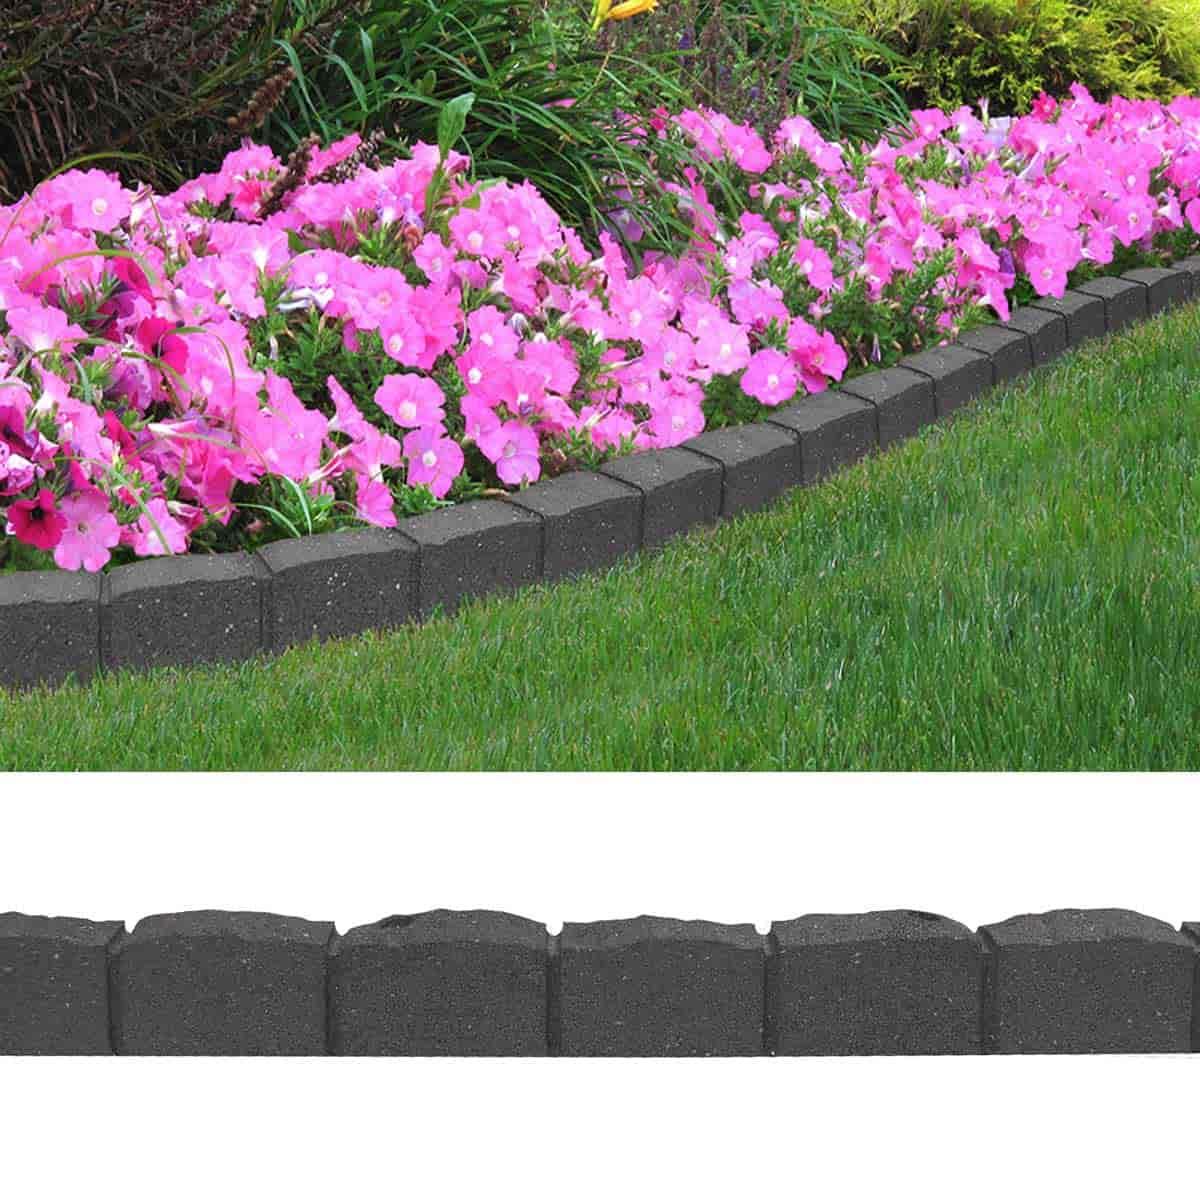 bordure de jardin effet paves 120cm caoutchouc recycle